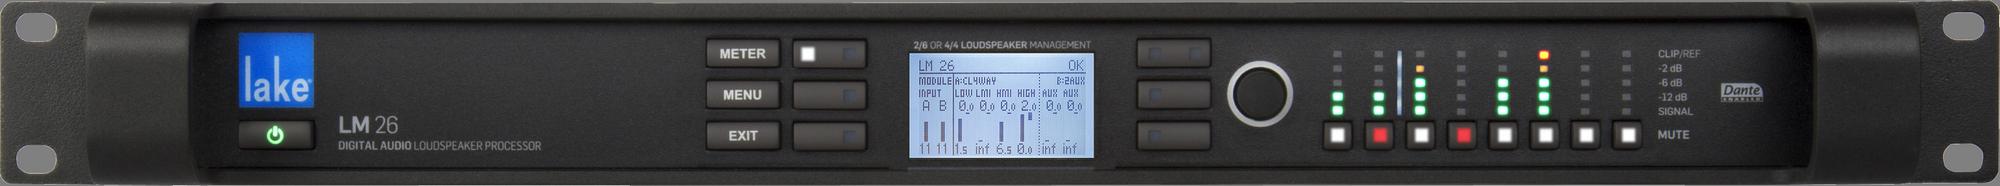 Lake LM 26 Loudspeaker Management Processor